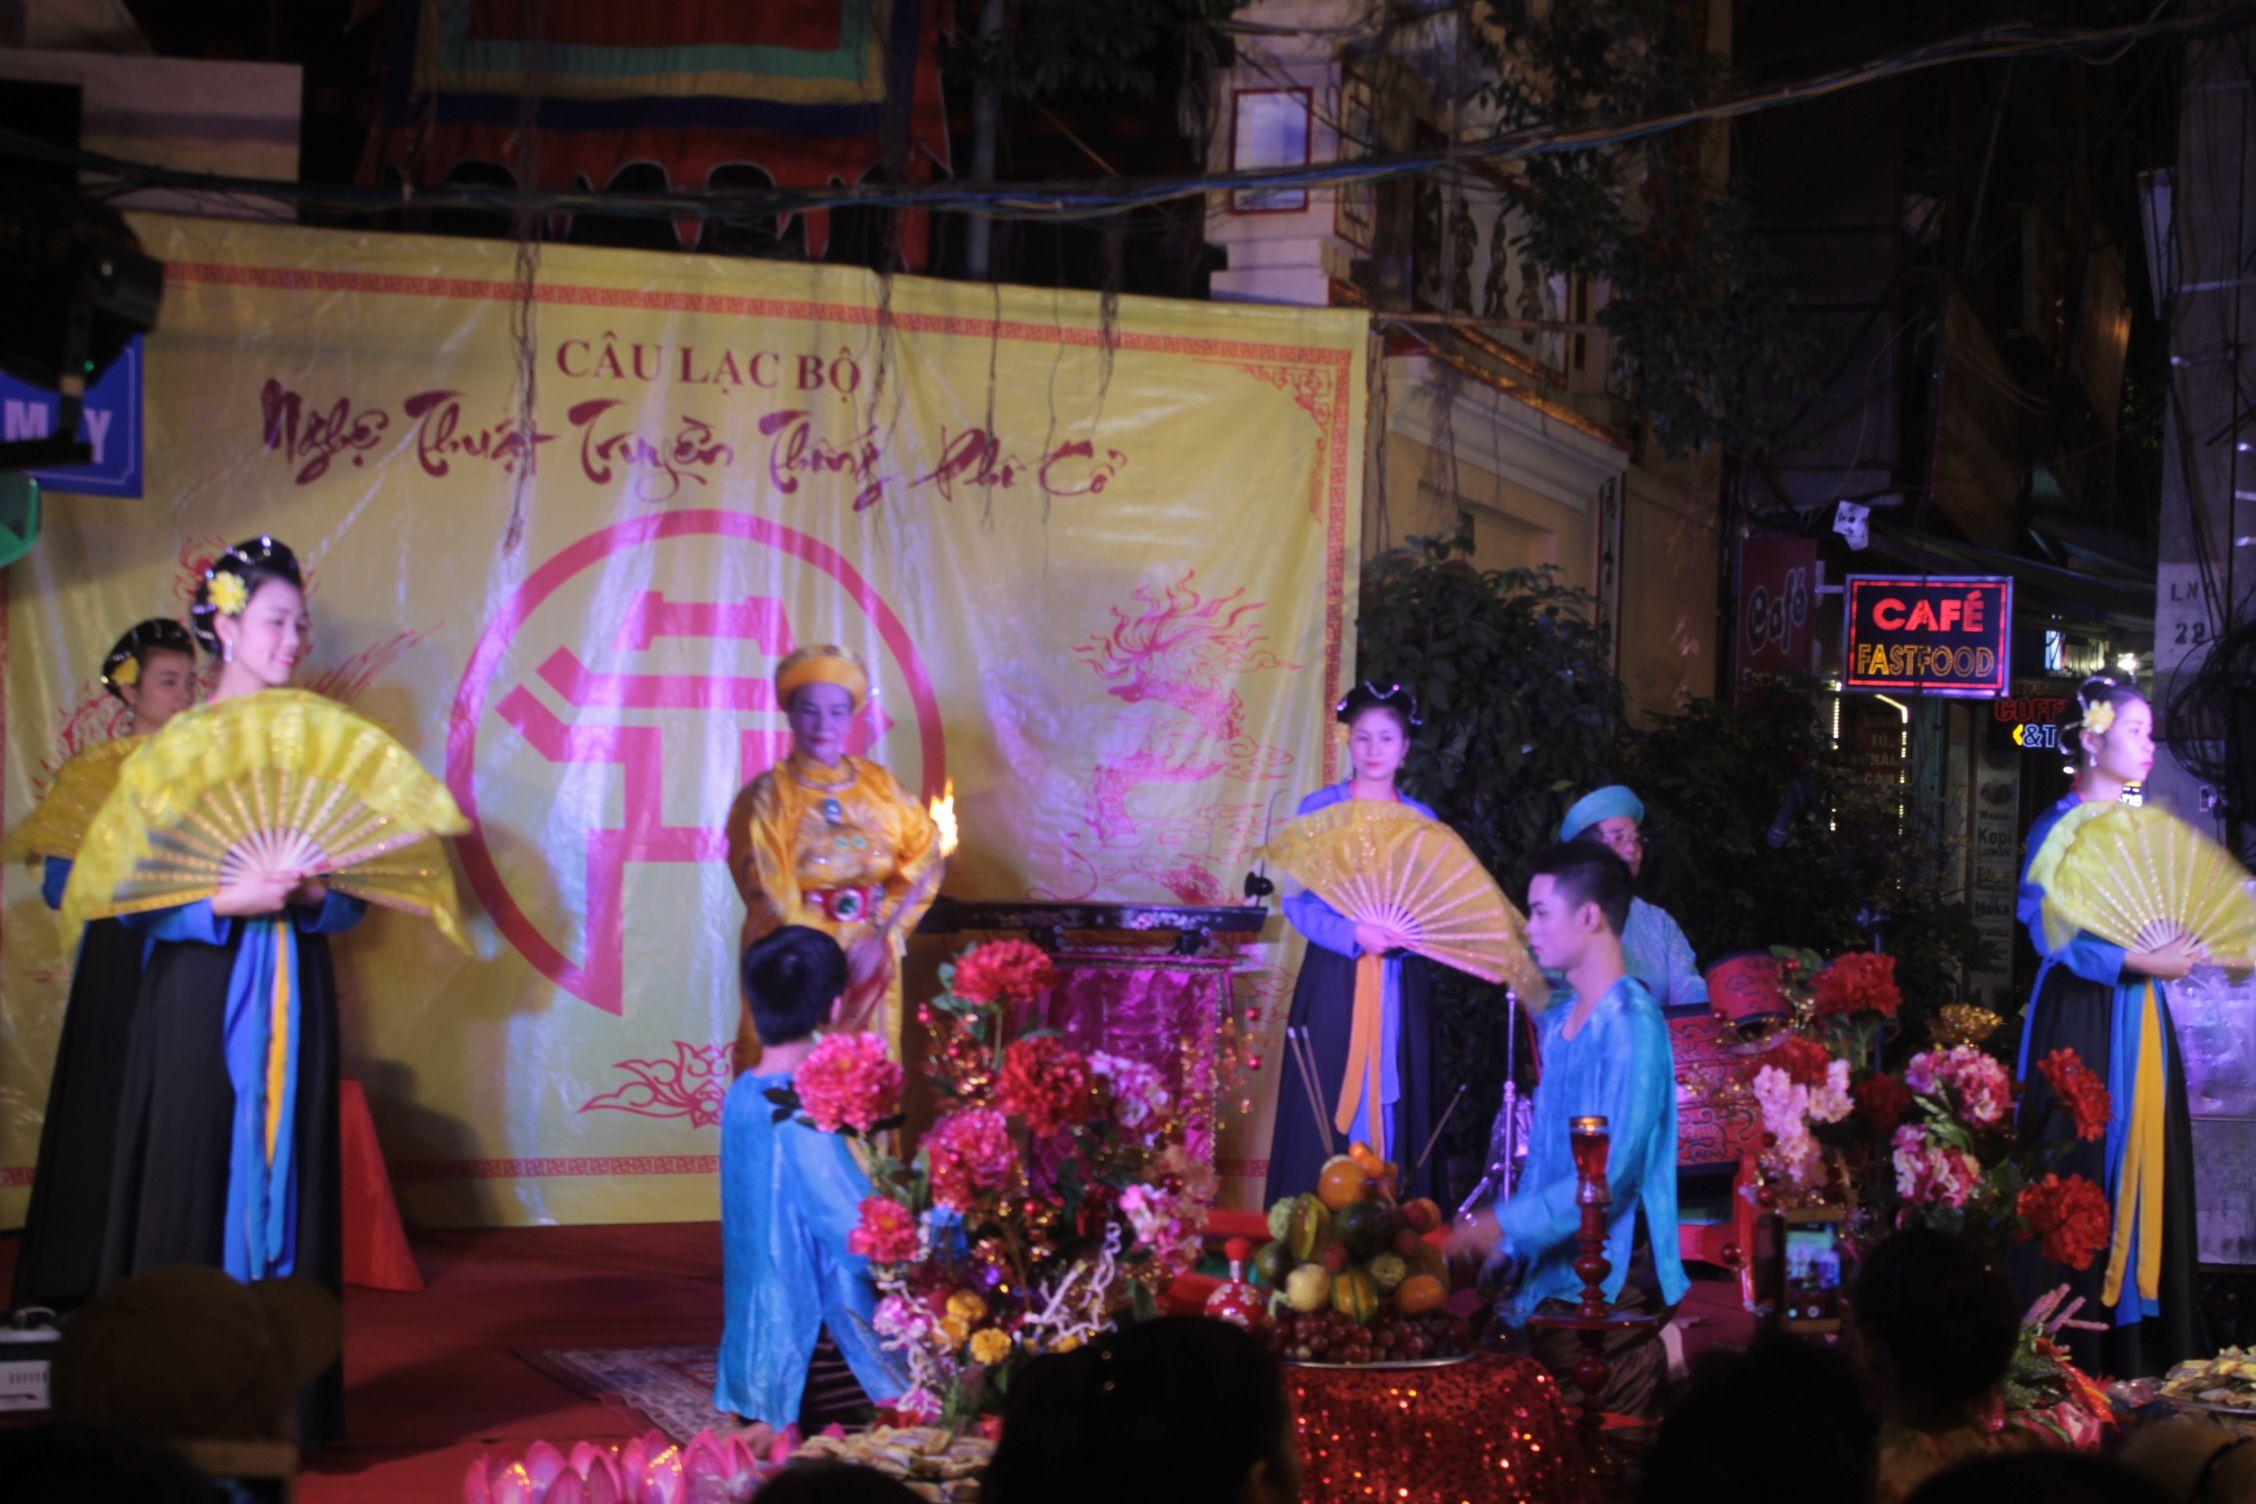 Representación de la Diosa Buda en las calles del Old Quartier